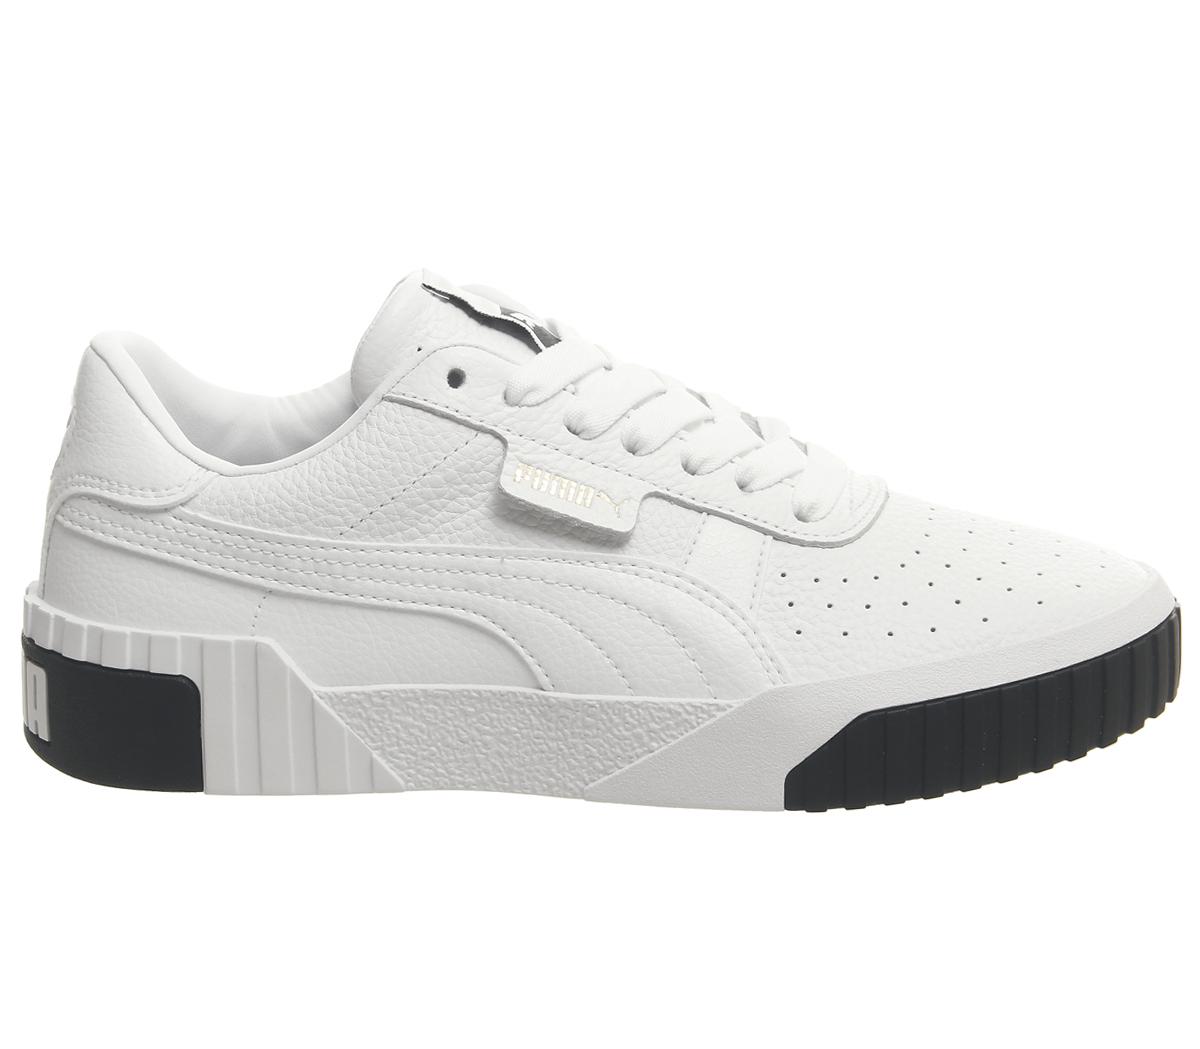 Zapatos Zapatillas Mujer Para Puma Blanco Negro Cali YYPUw